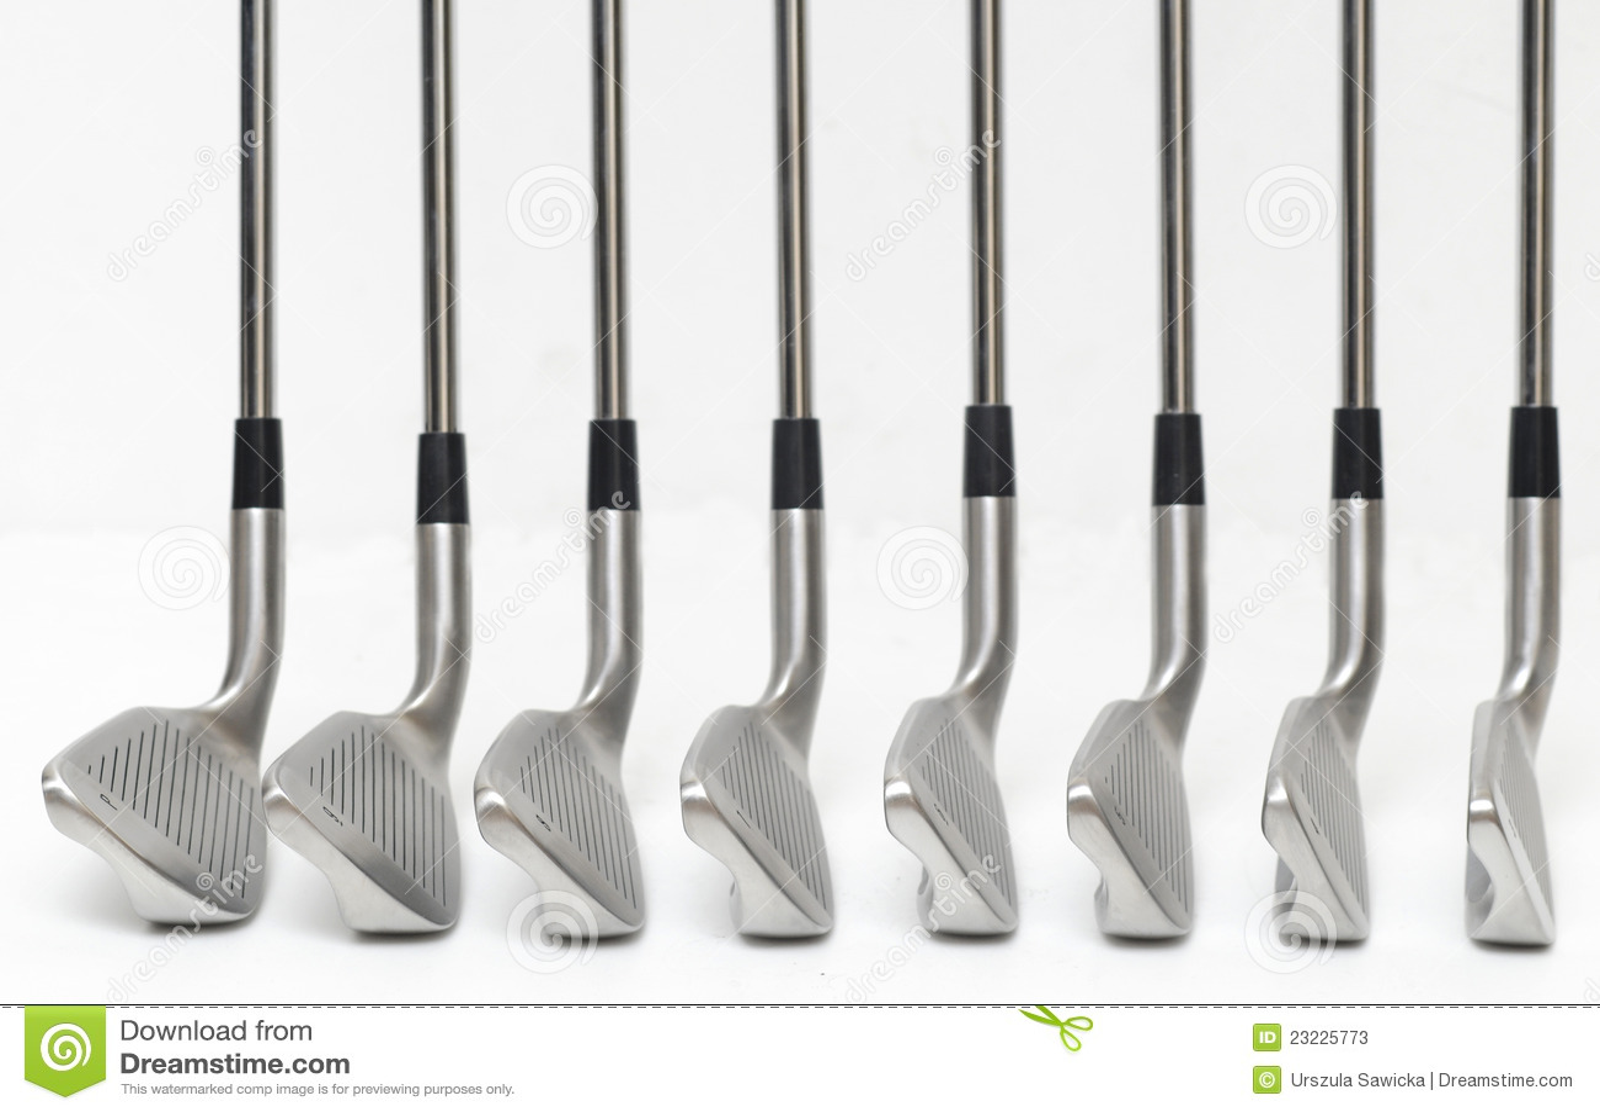 angle de club de golf sur le fond blanc image stock. Black Bedroom Furniture Sets. Home Design Ideas